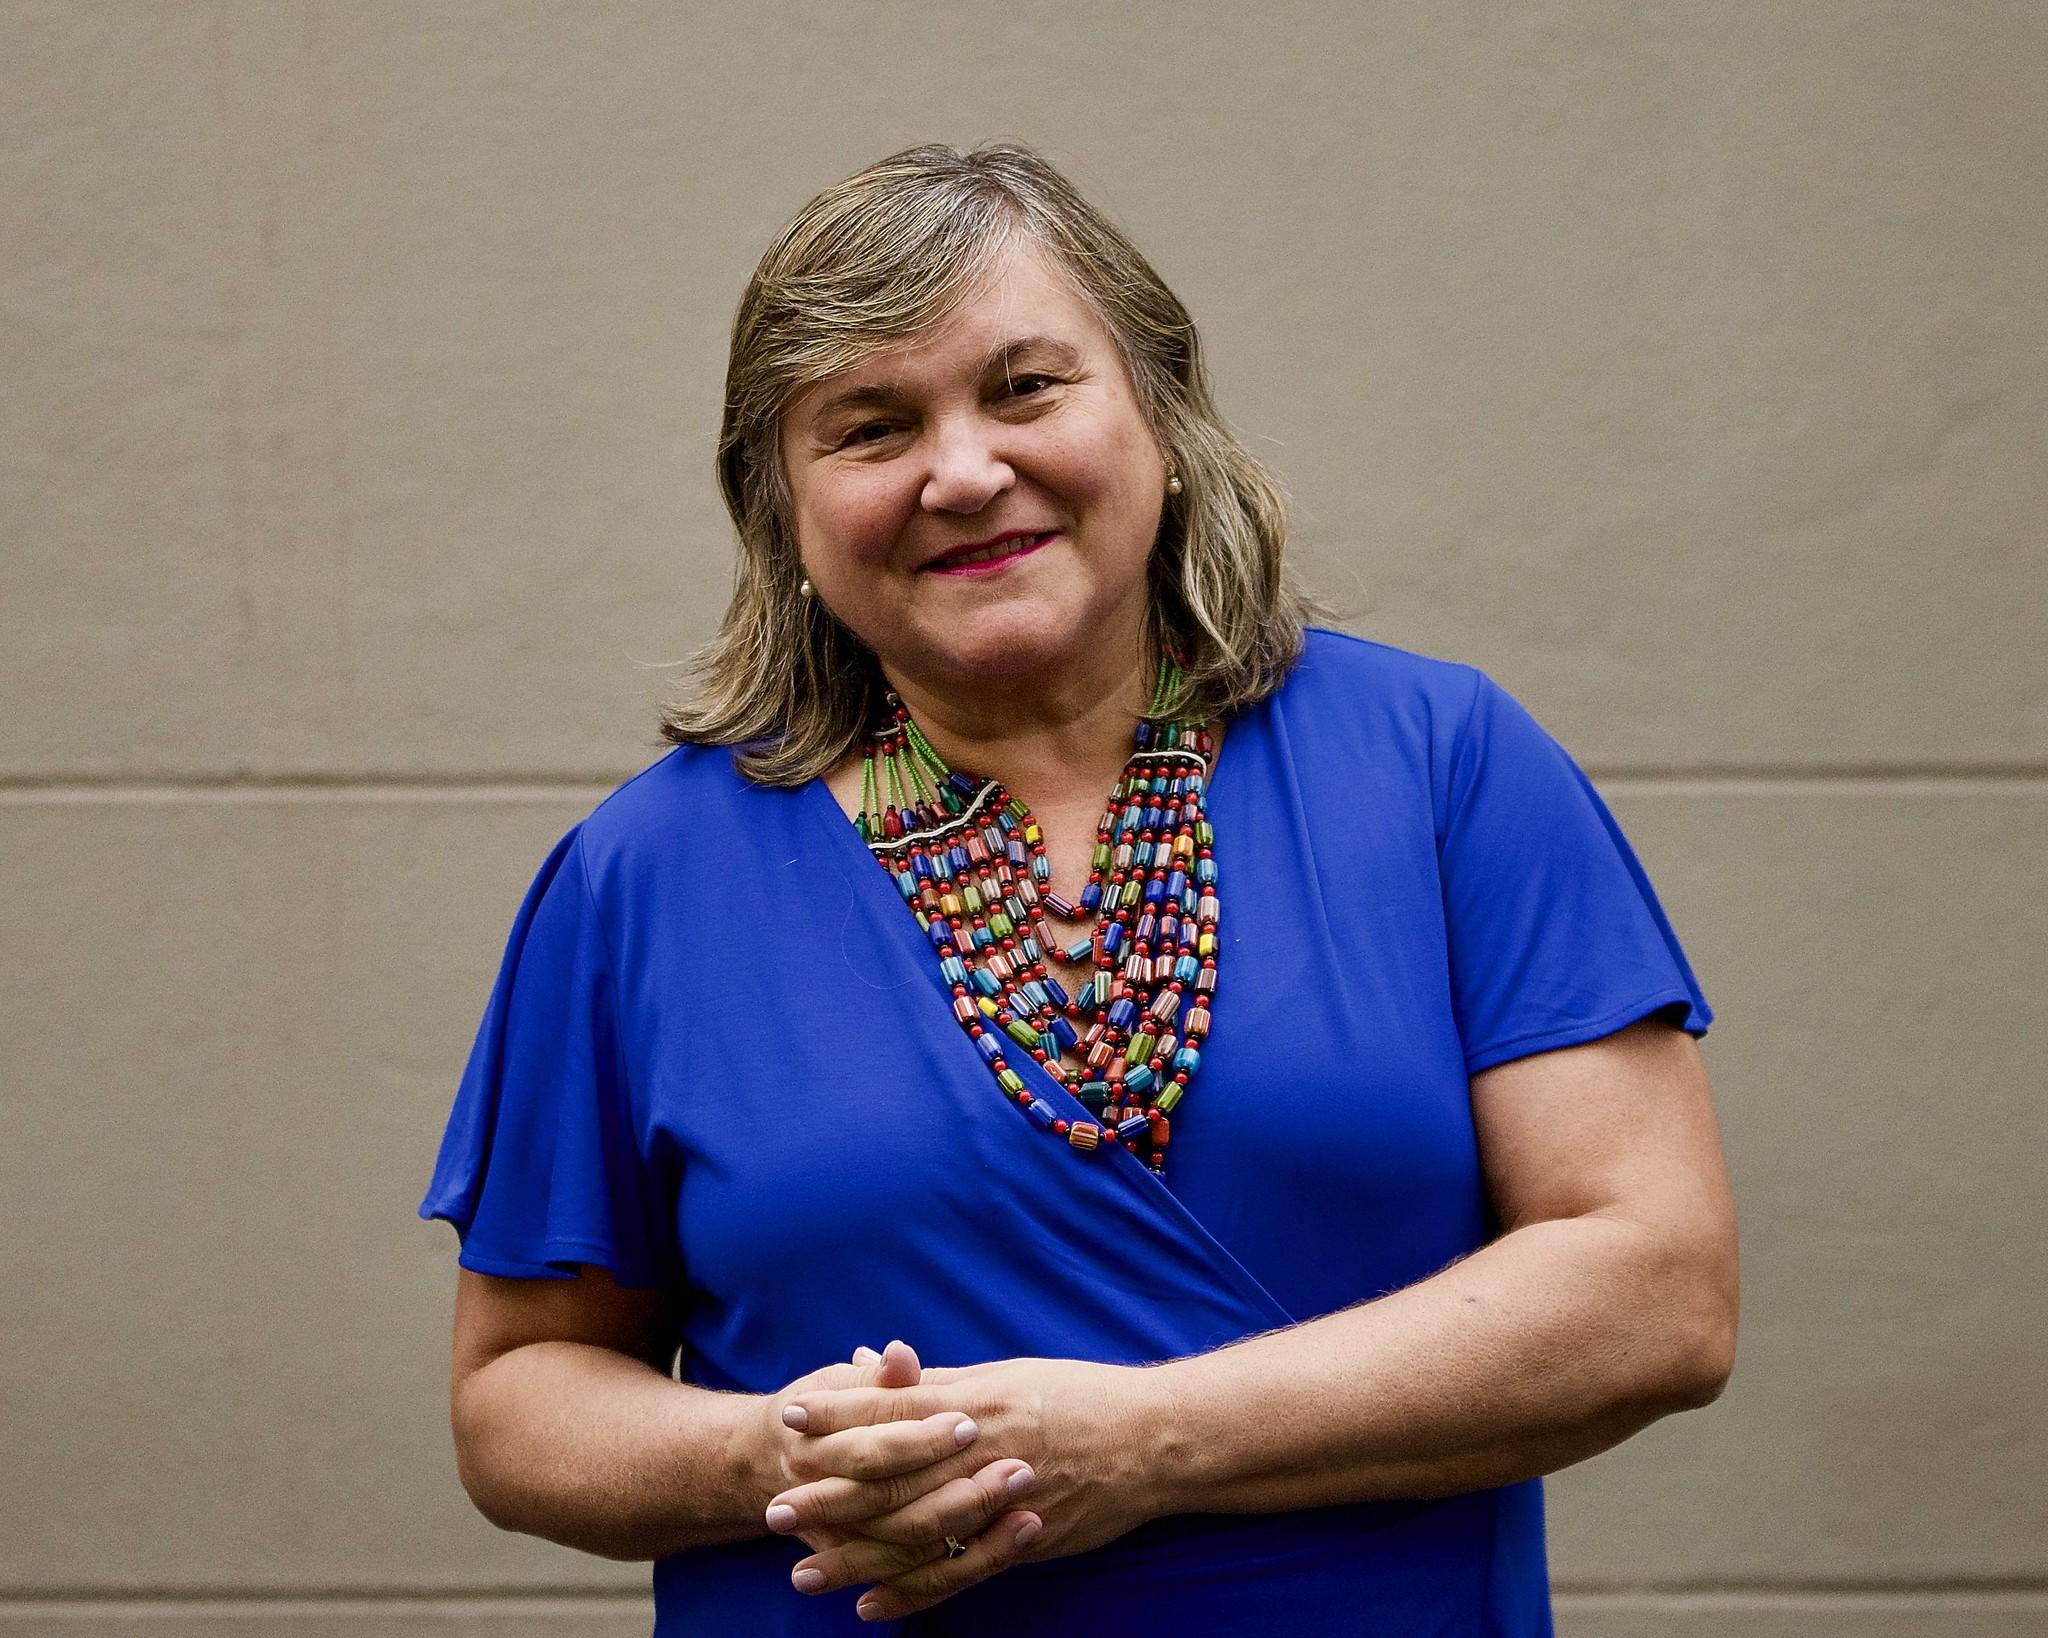 Diretora regional da ONU Mulheres para Américas e Caribe inicia, em 20/2, missão oficial em Brasília/ods noticias igualdade de genero